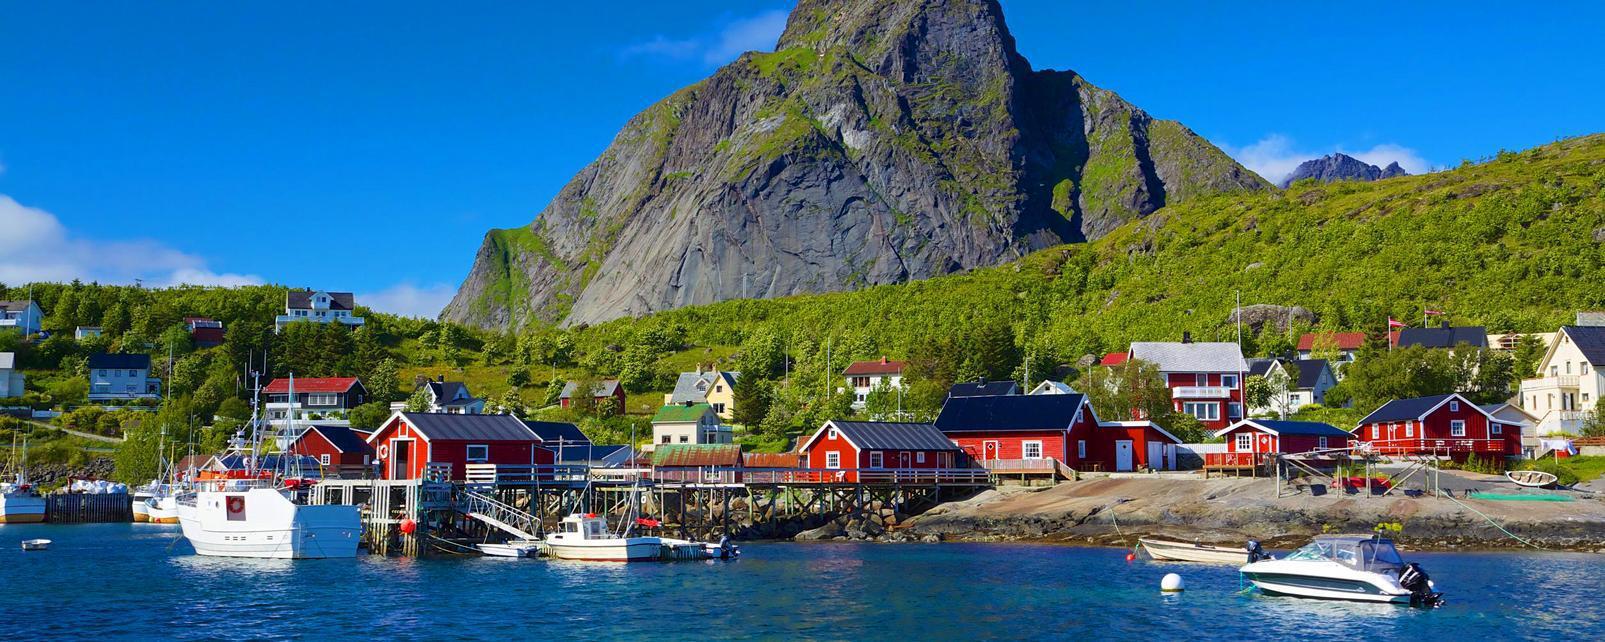 """Résultat de recherche d'images pour """"norvège"""""""